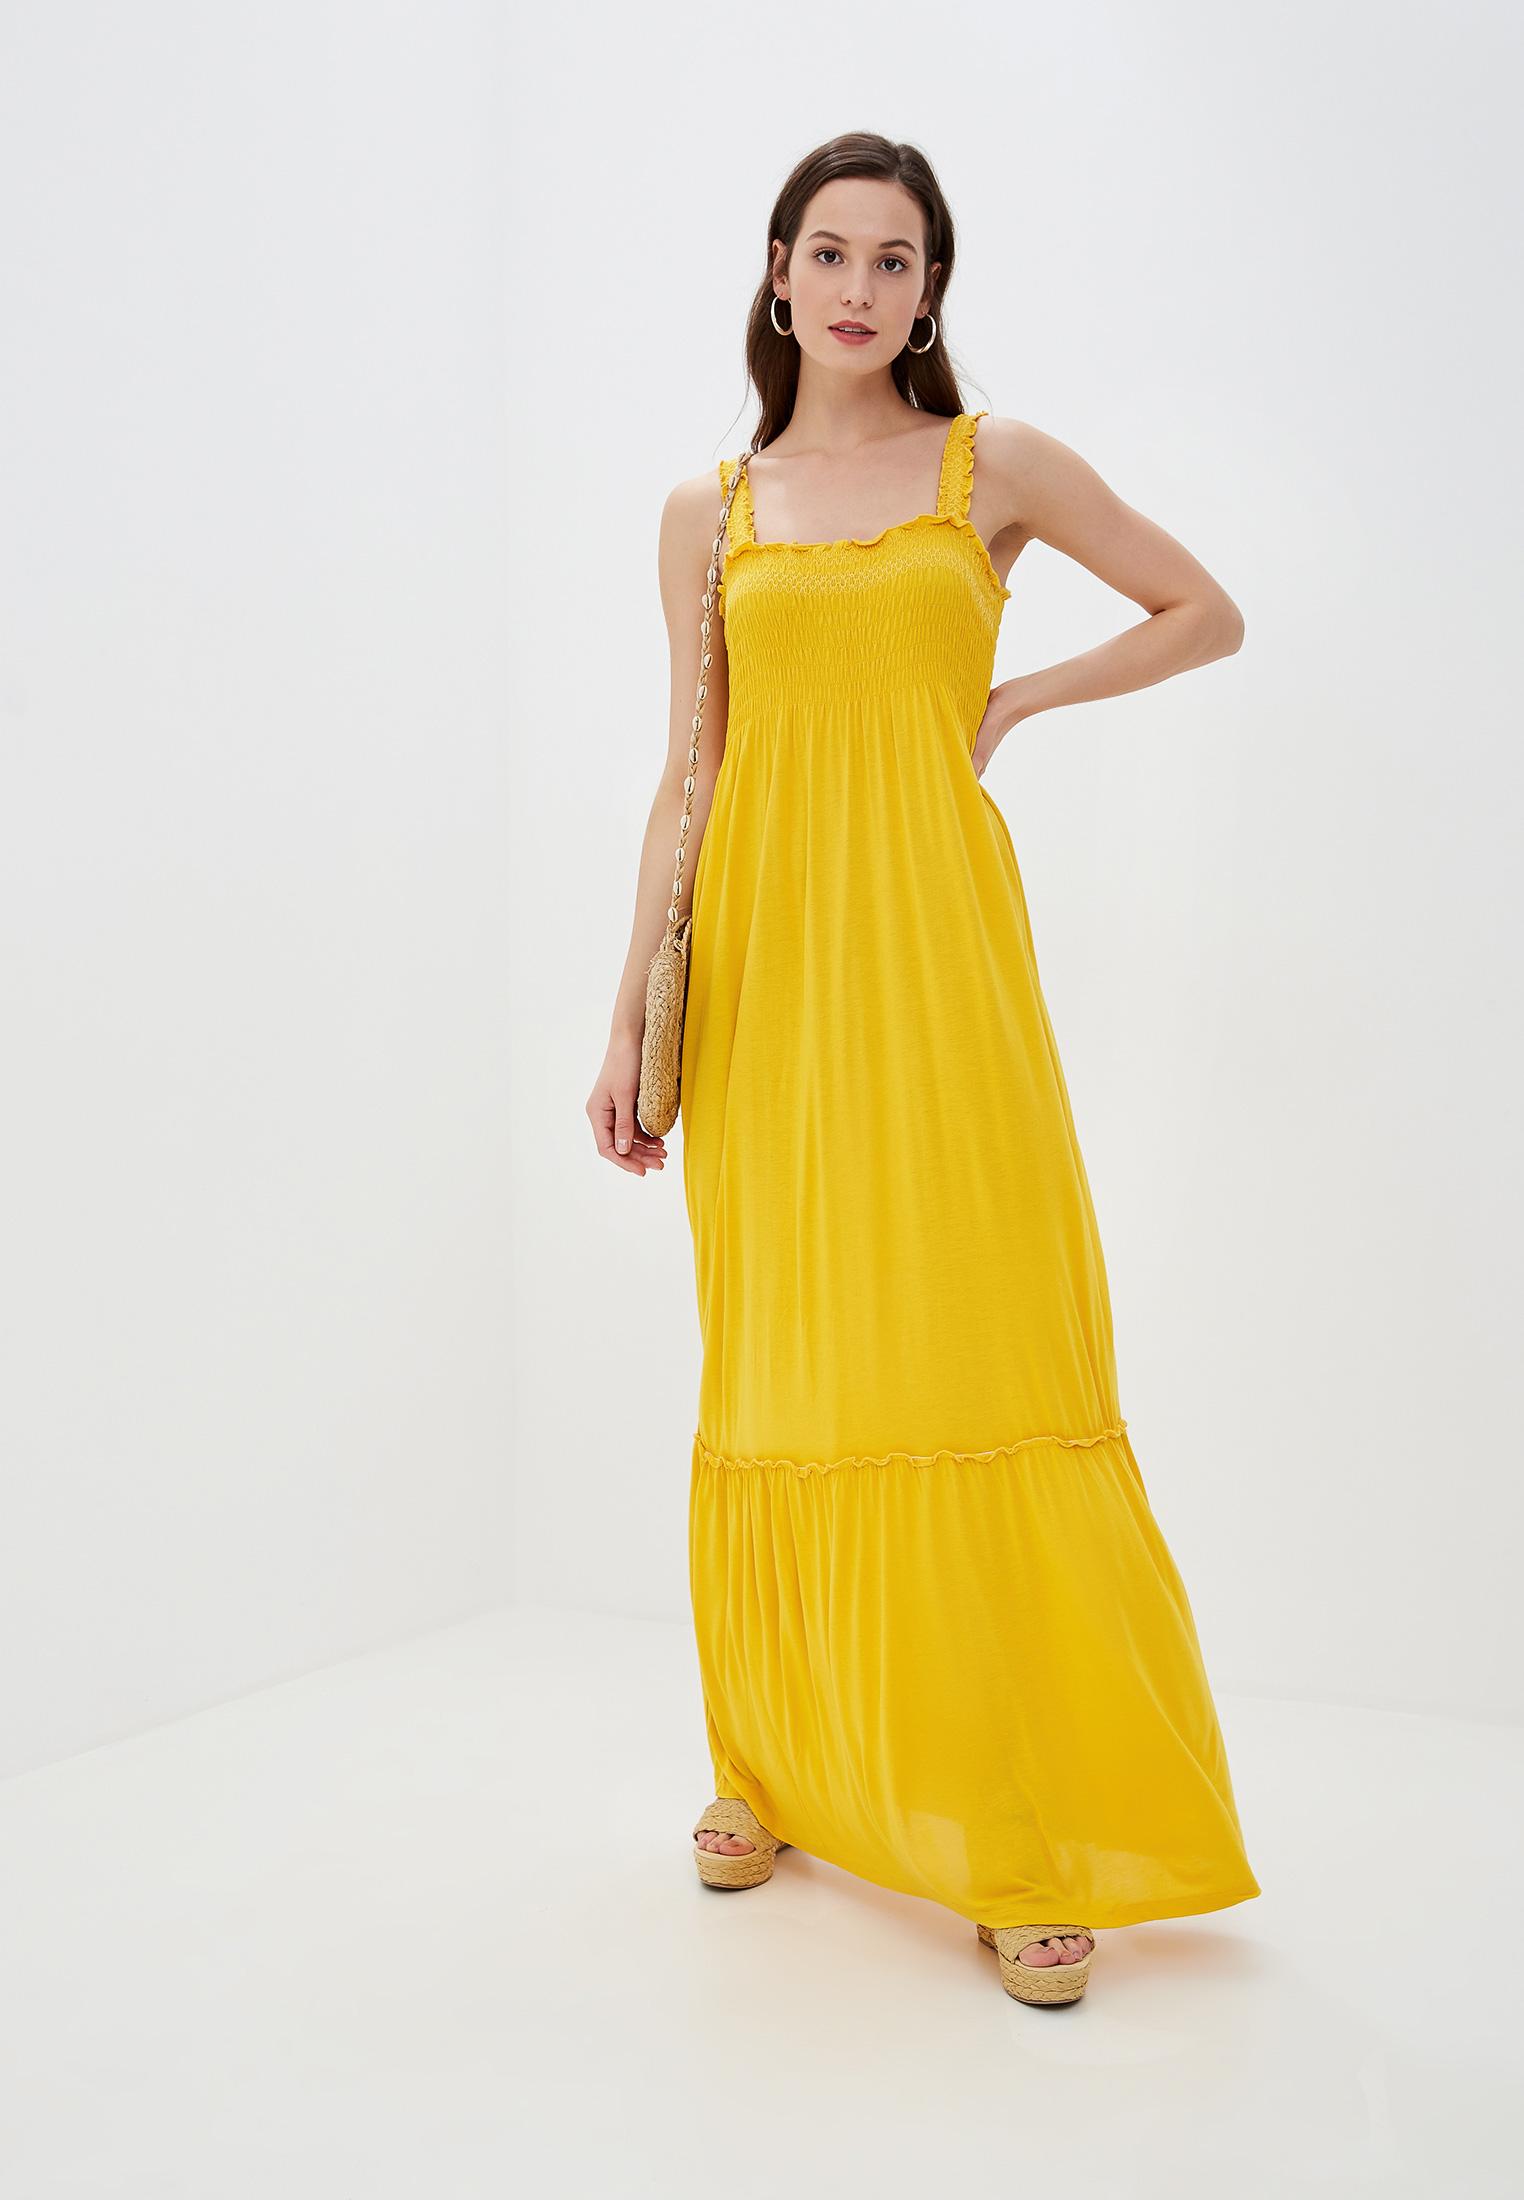 Картинки желтый сарафан